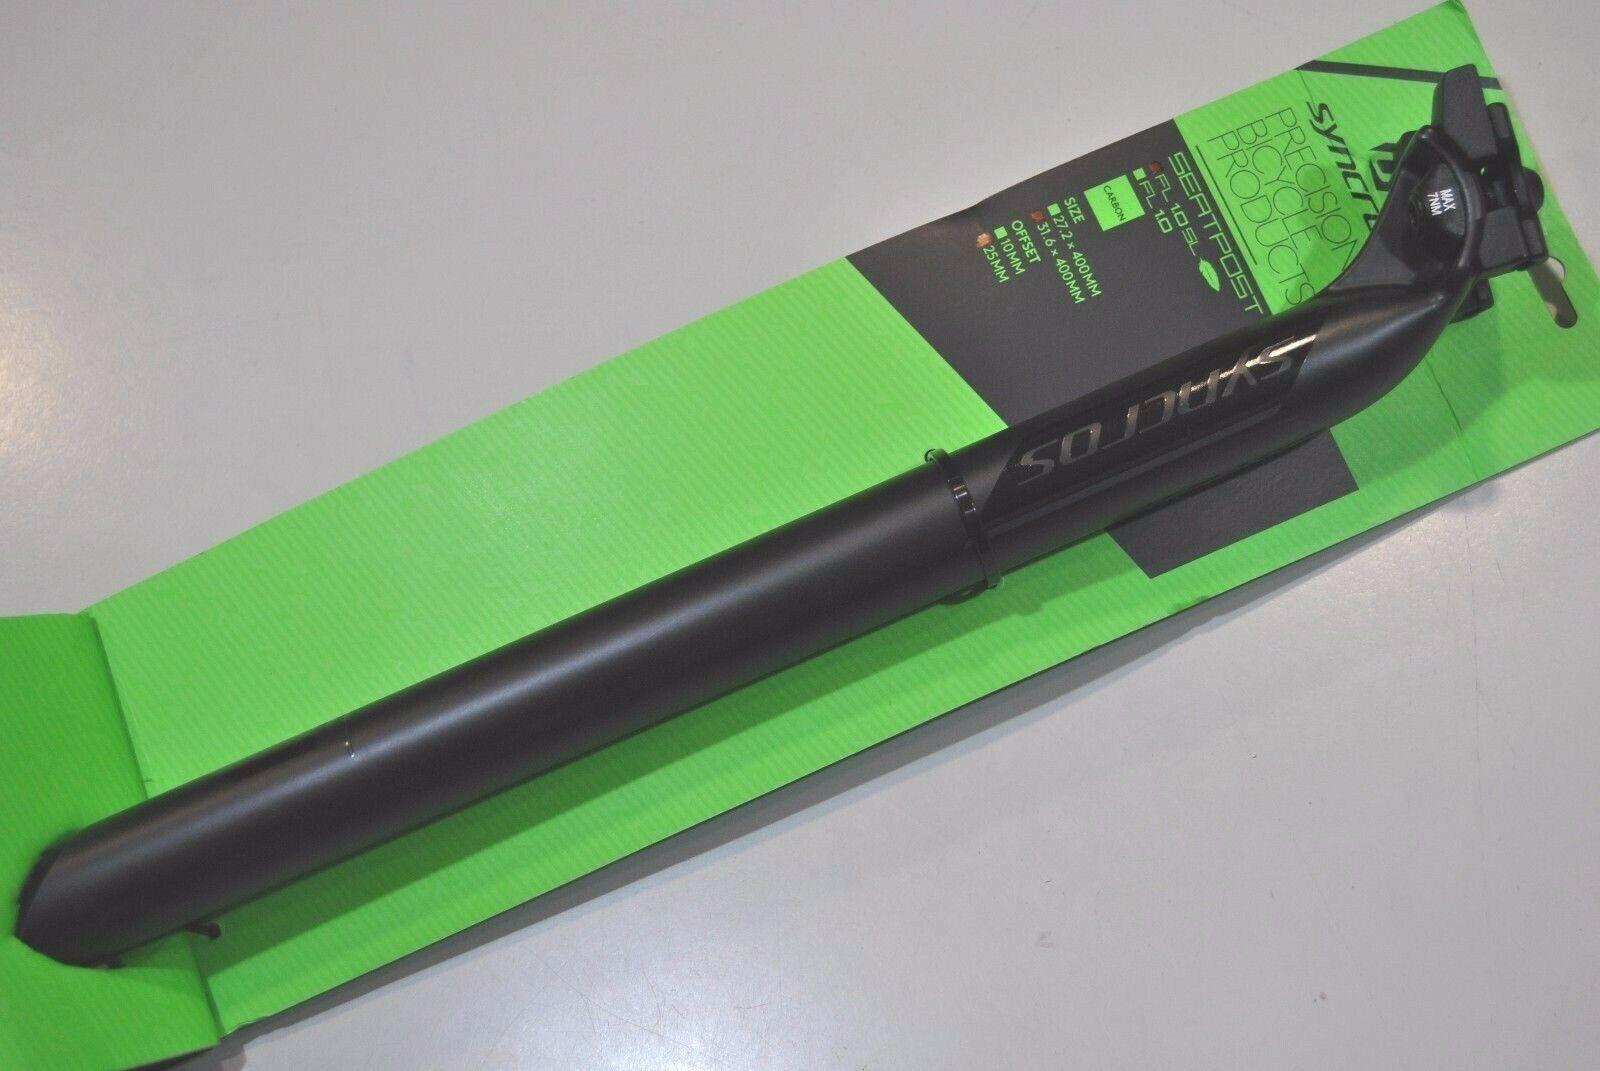 Seatpost Syncros fl1.0 SL Carbon Matt sb25mm l400mm Seatpost Syncros fl1.0 SL